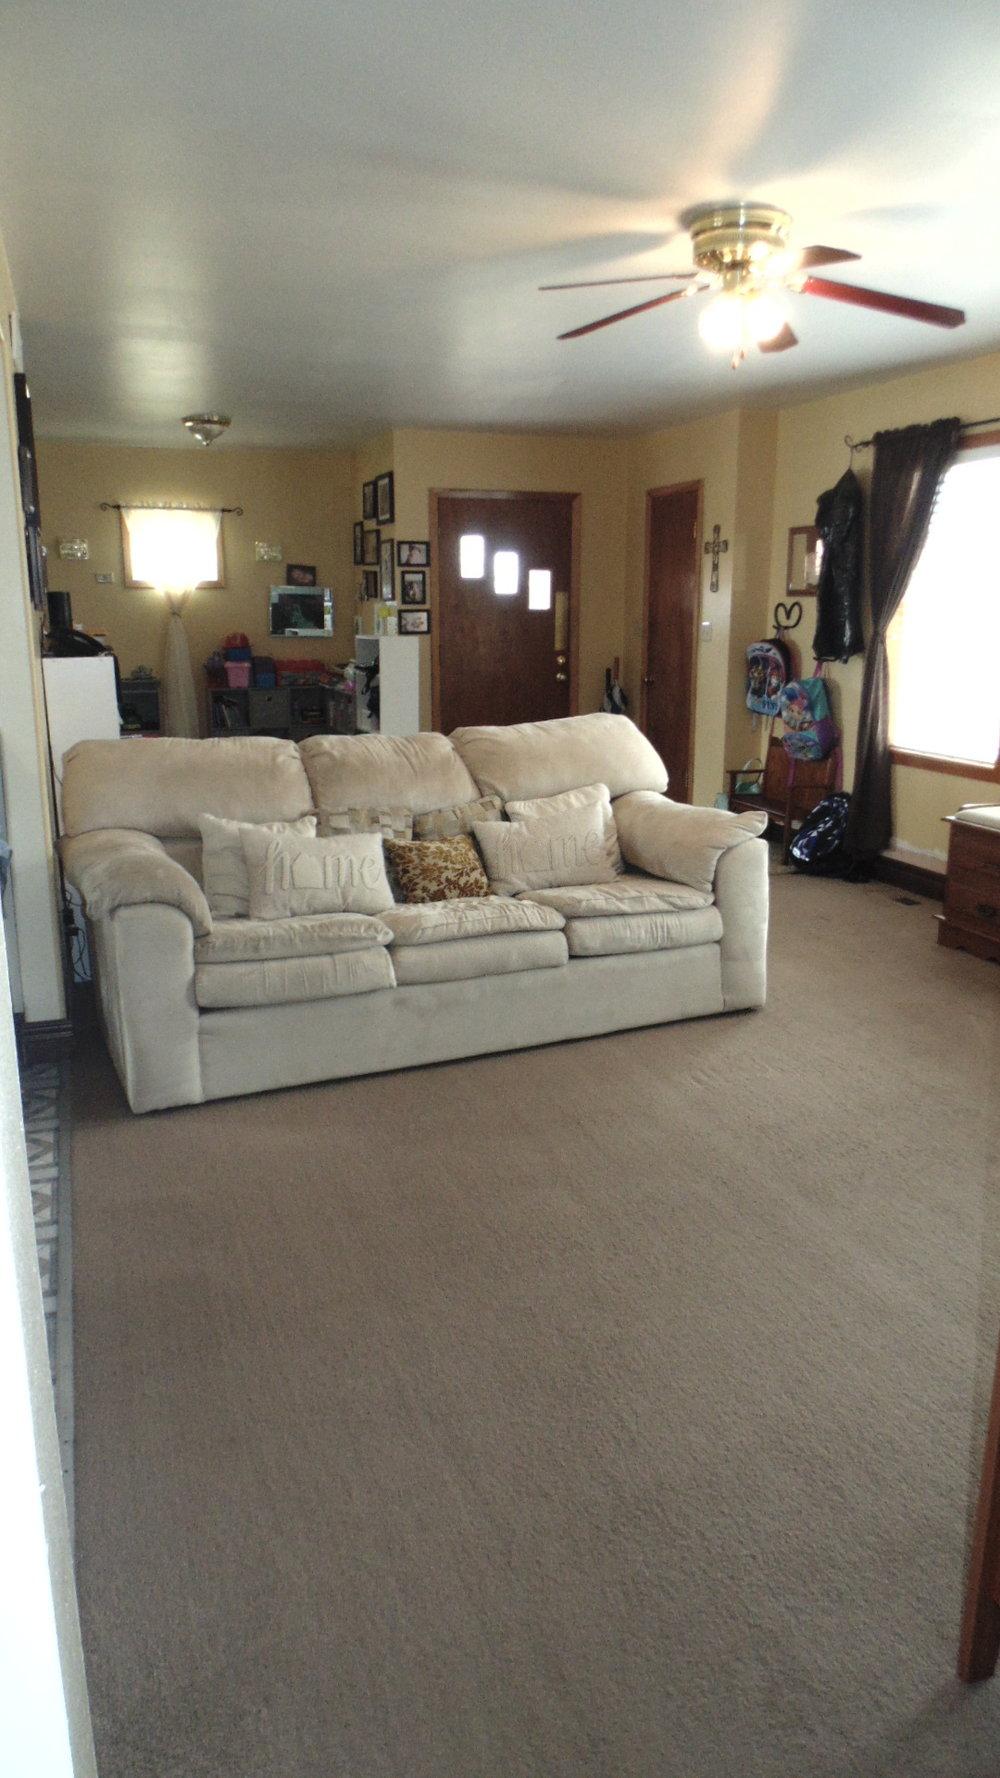 Living Room - Looking from Bedroom Hallway.JPG